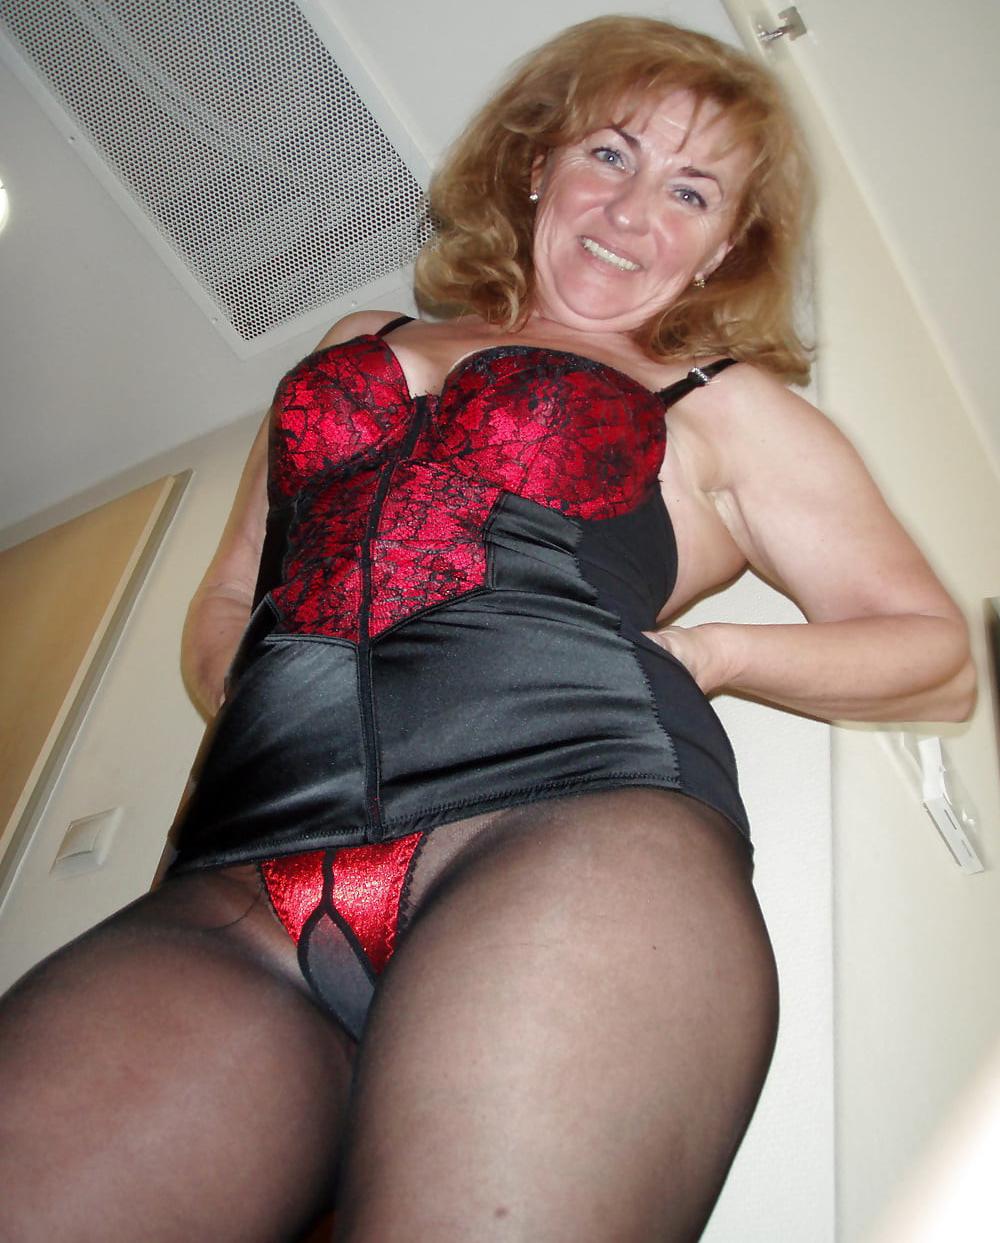 Woman licks man ass